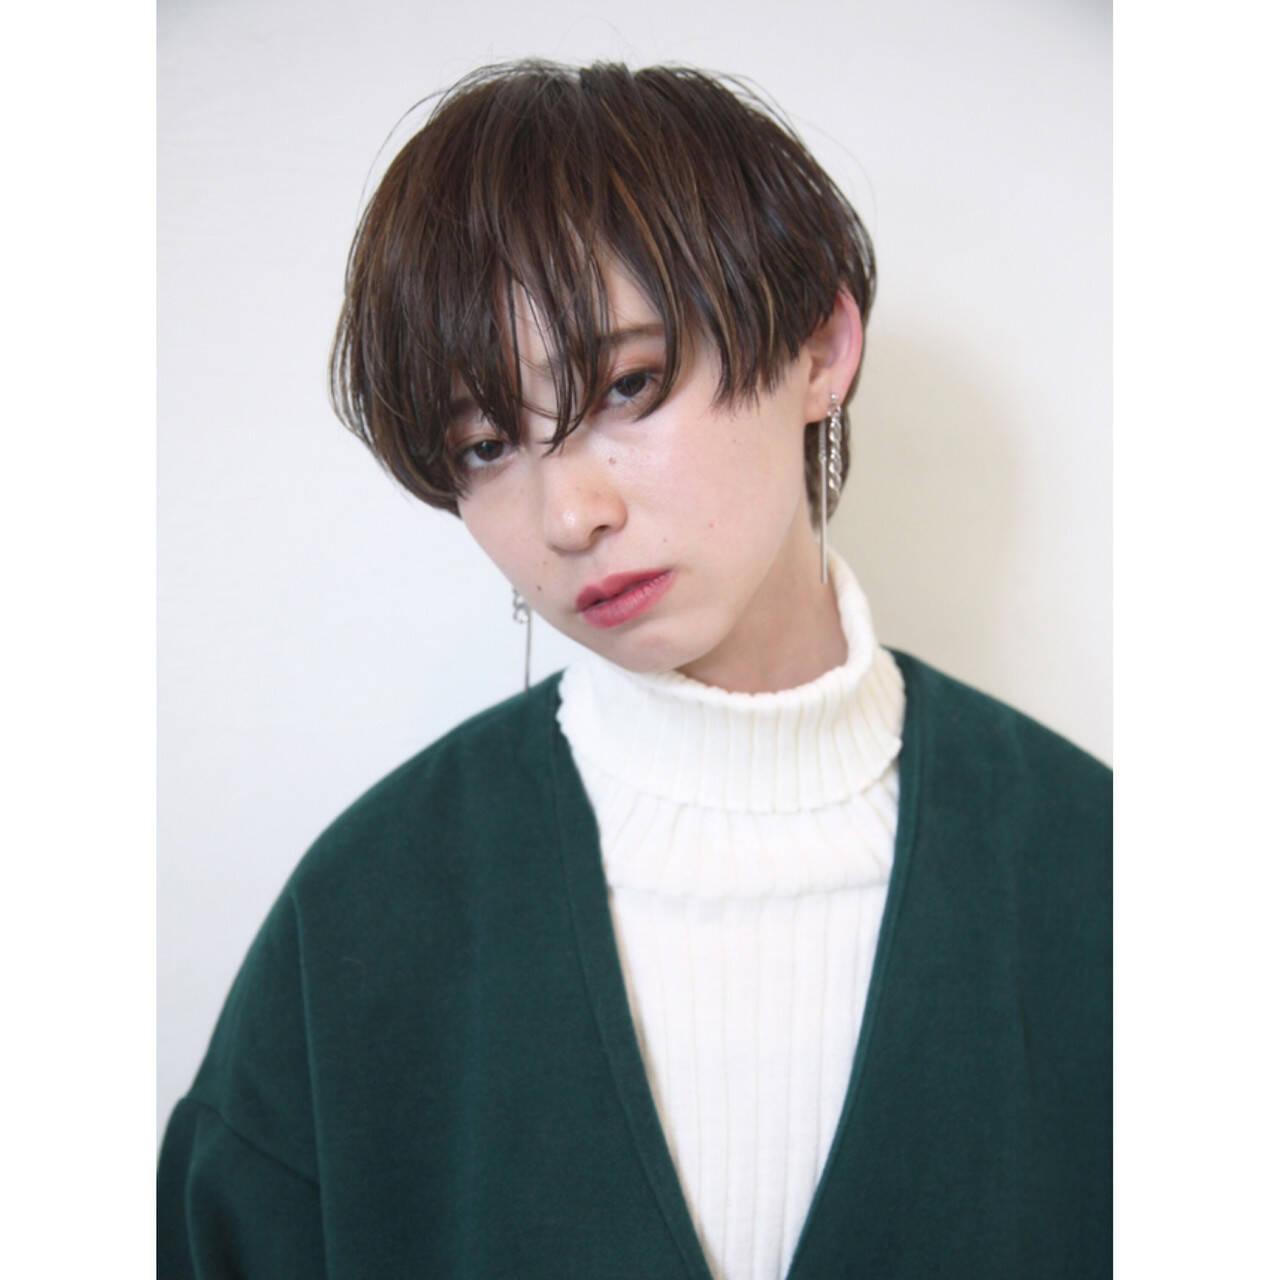 モード ハイライト ショートボブ ウザバングヘアスタイルや髪型の写真・画像